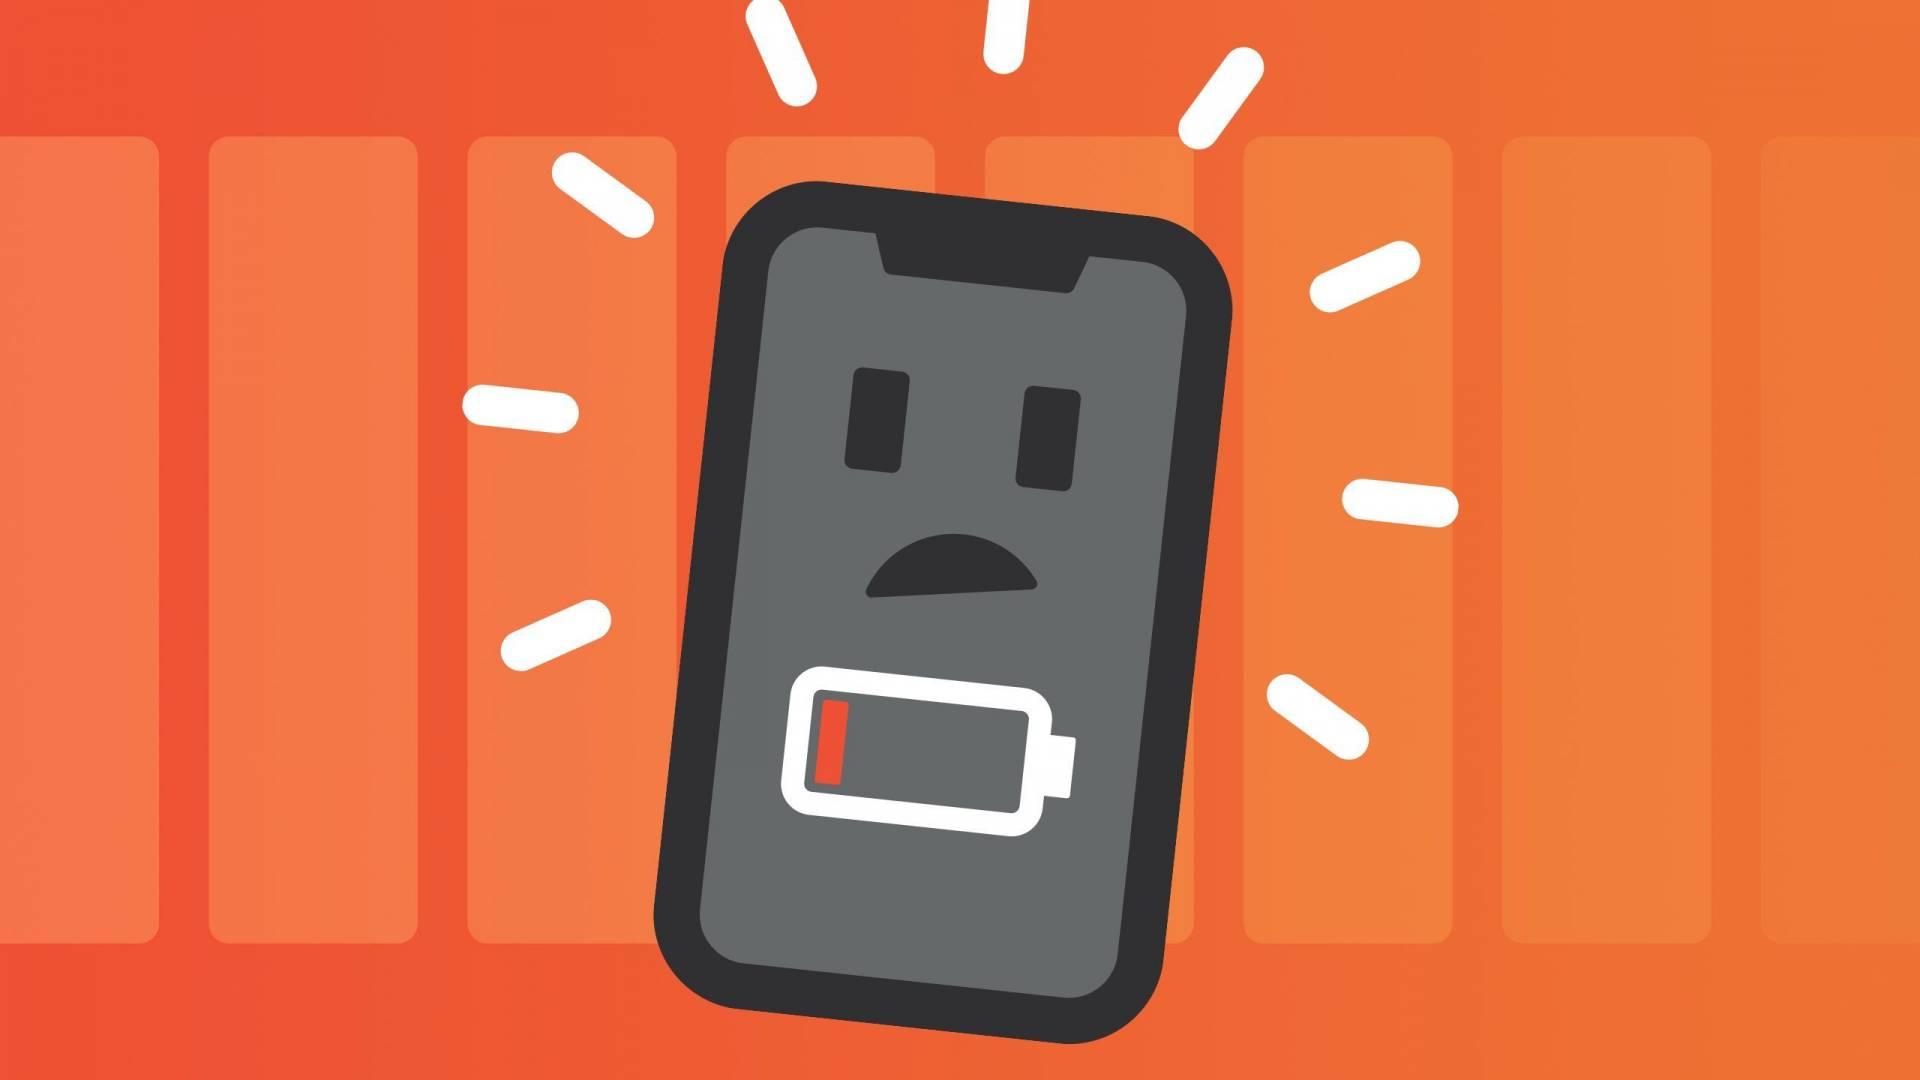 Osviežovanie apiek na pozadí: Čo to je a prečo po ich vypnutí ušetrím batériu?